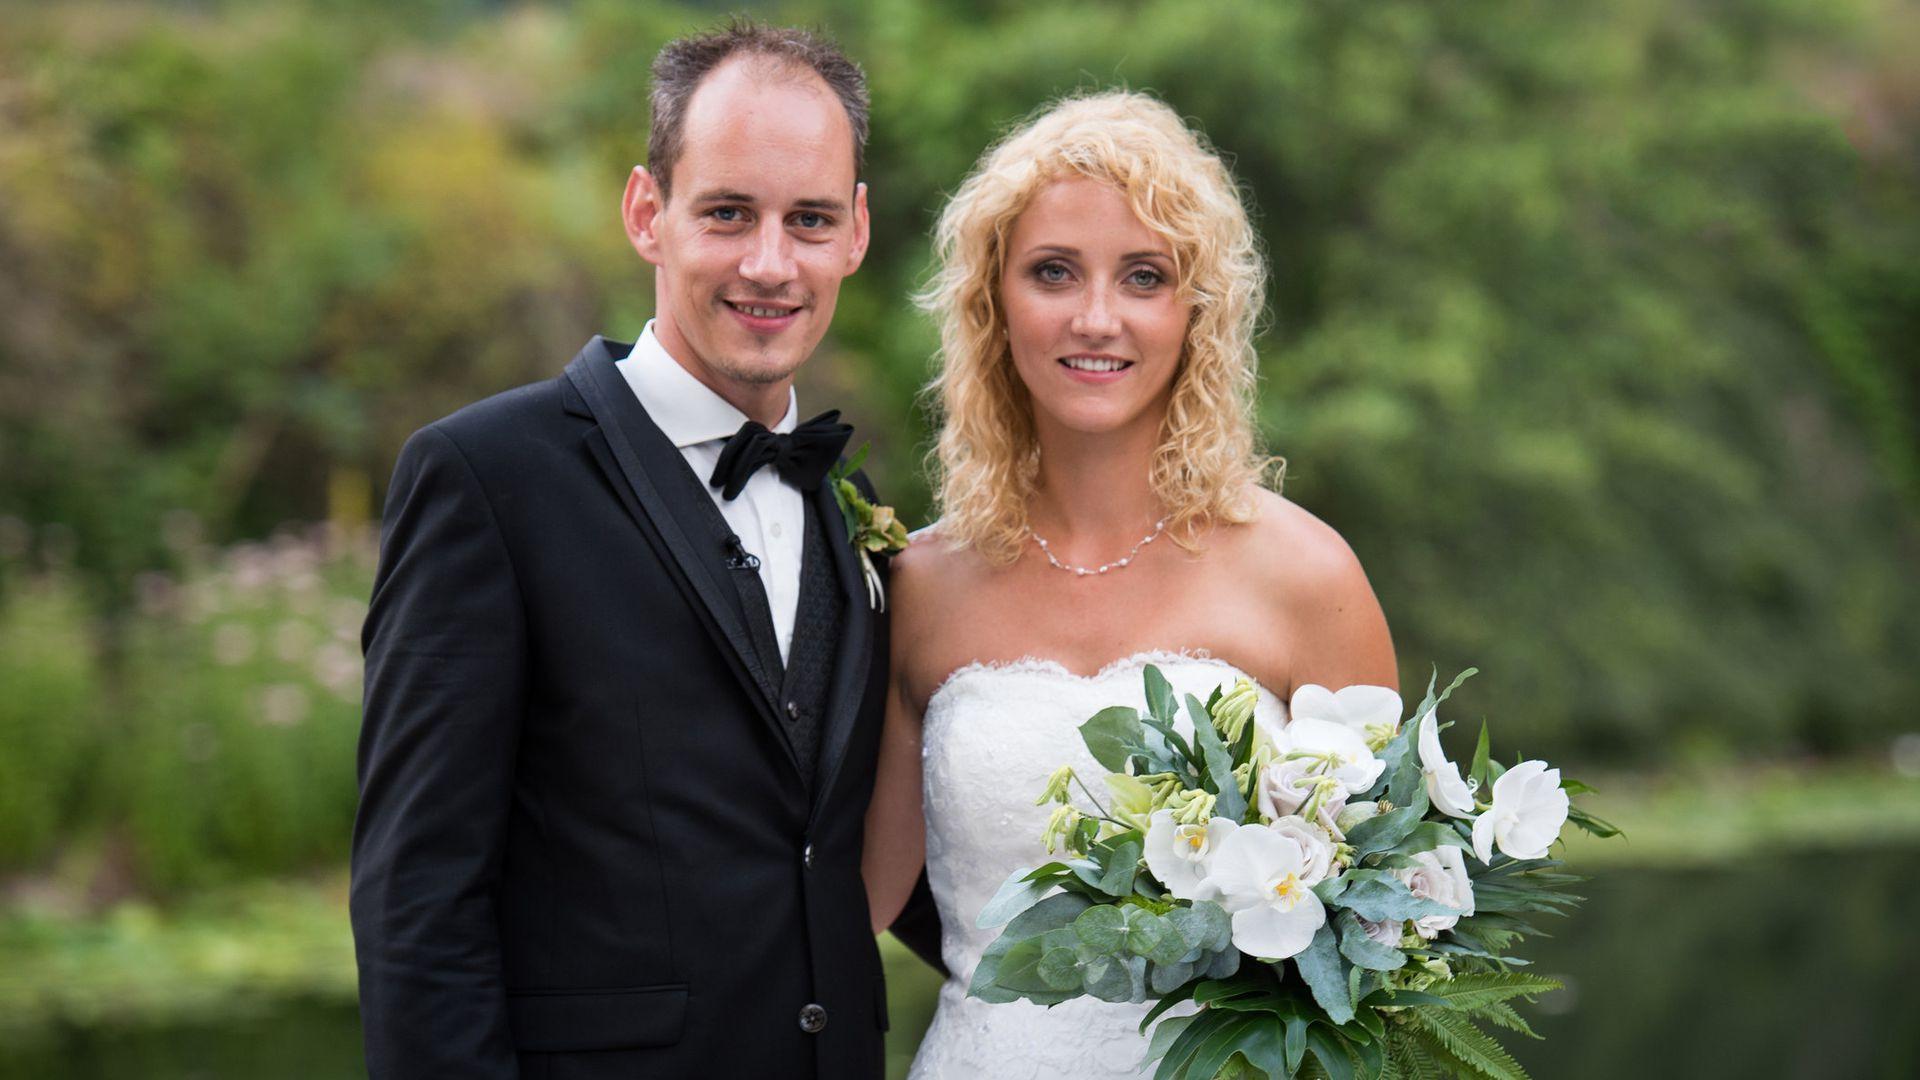 Hochzeit Auf Den Ersten Blick Kathrin  Hochzeit Auf Den Ersten Blick Paar Noch Zusammen